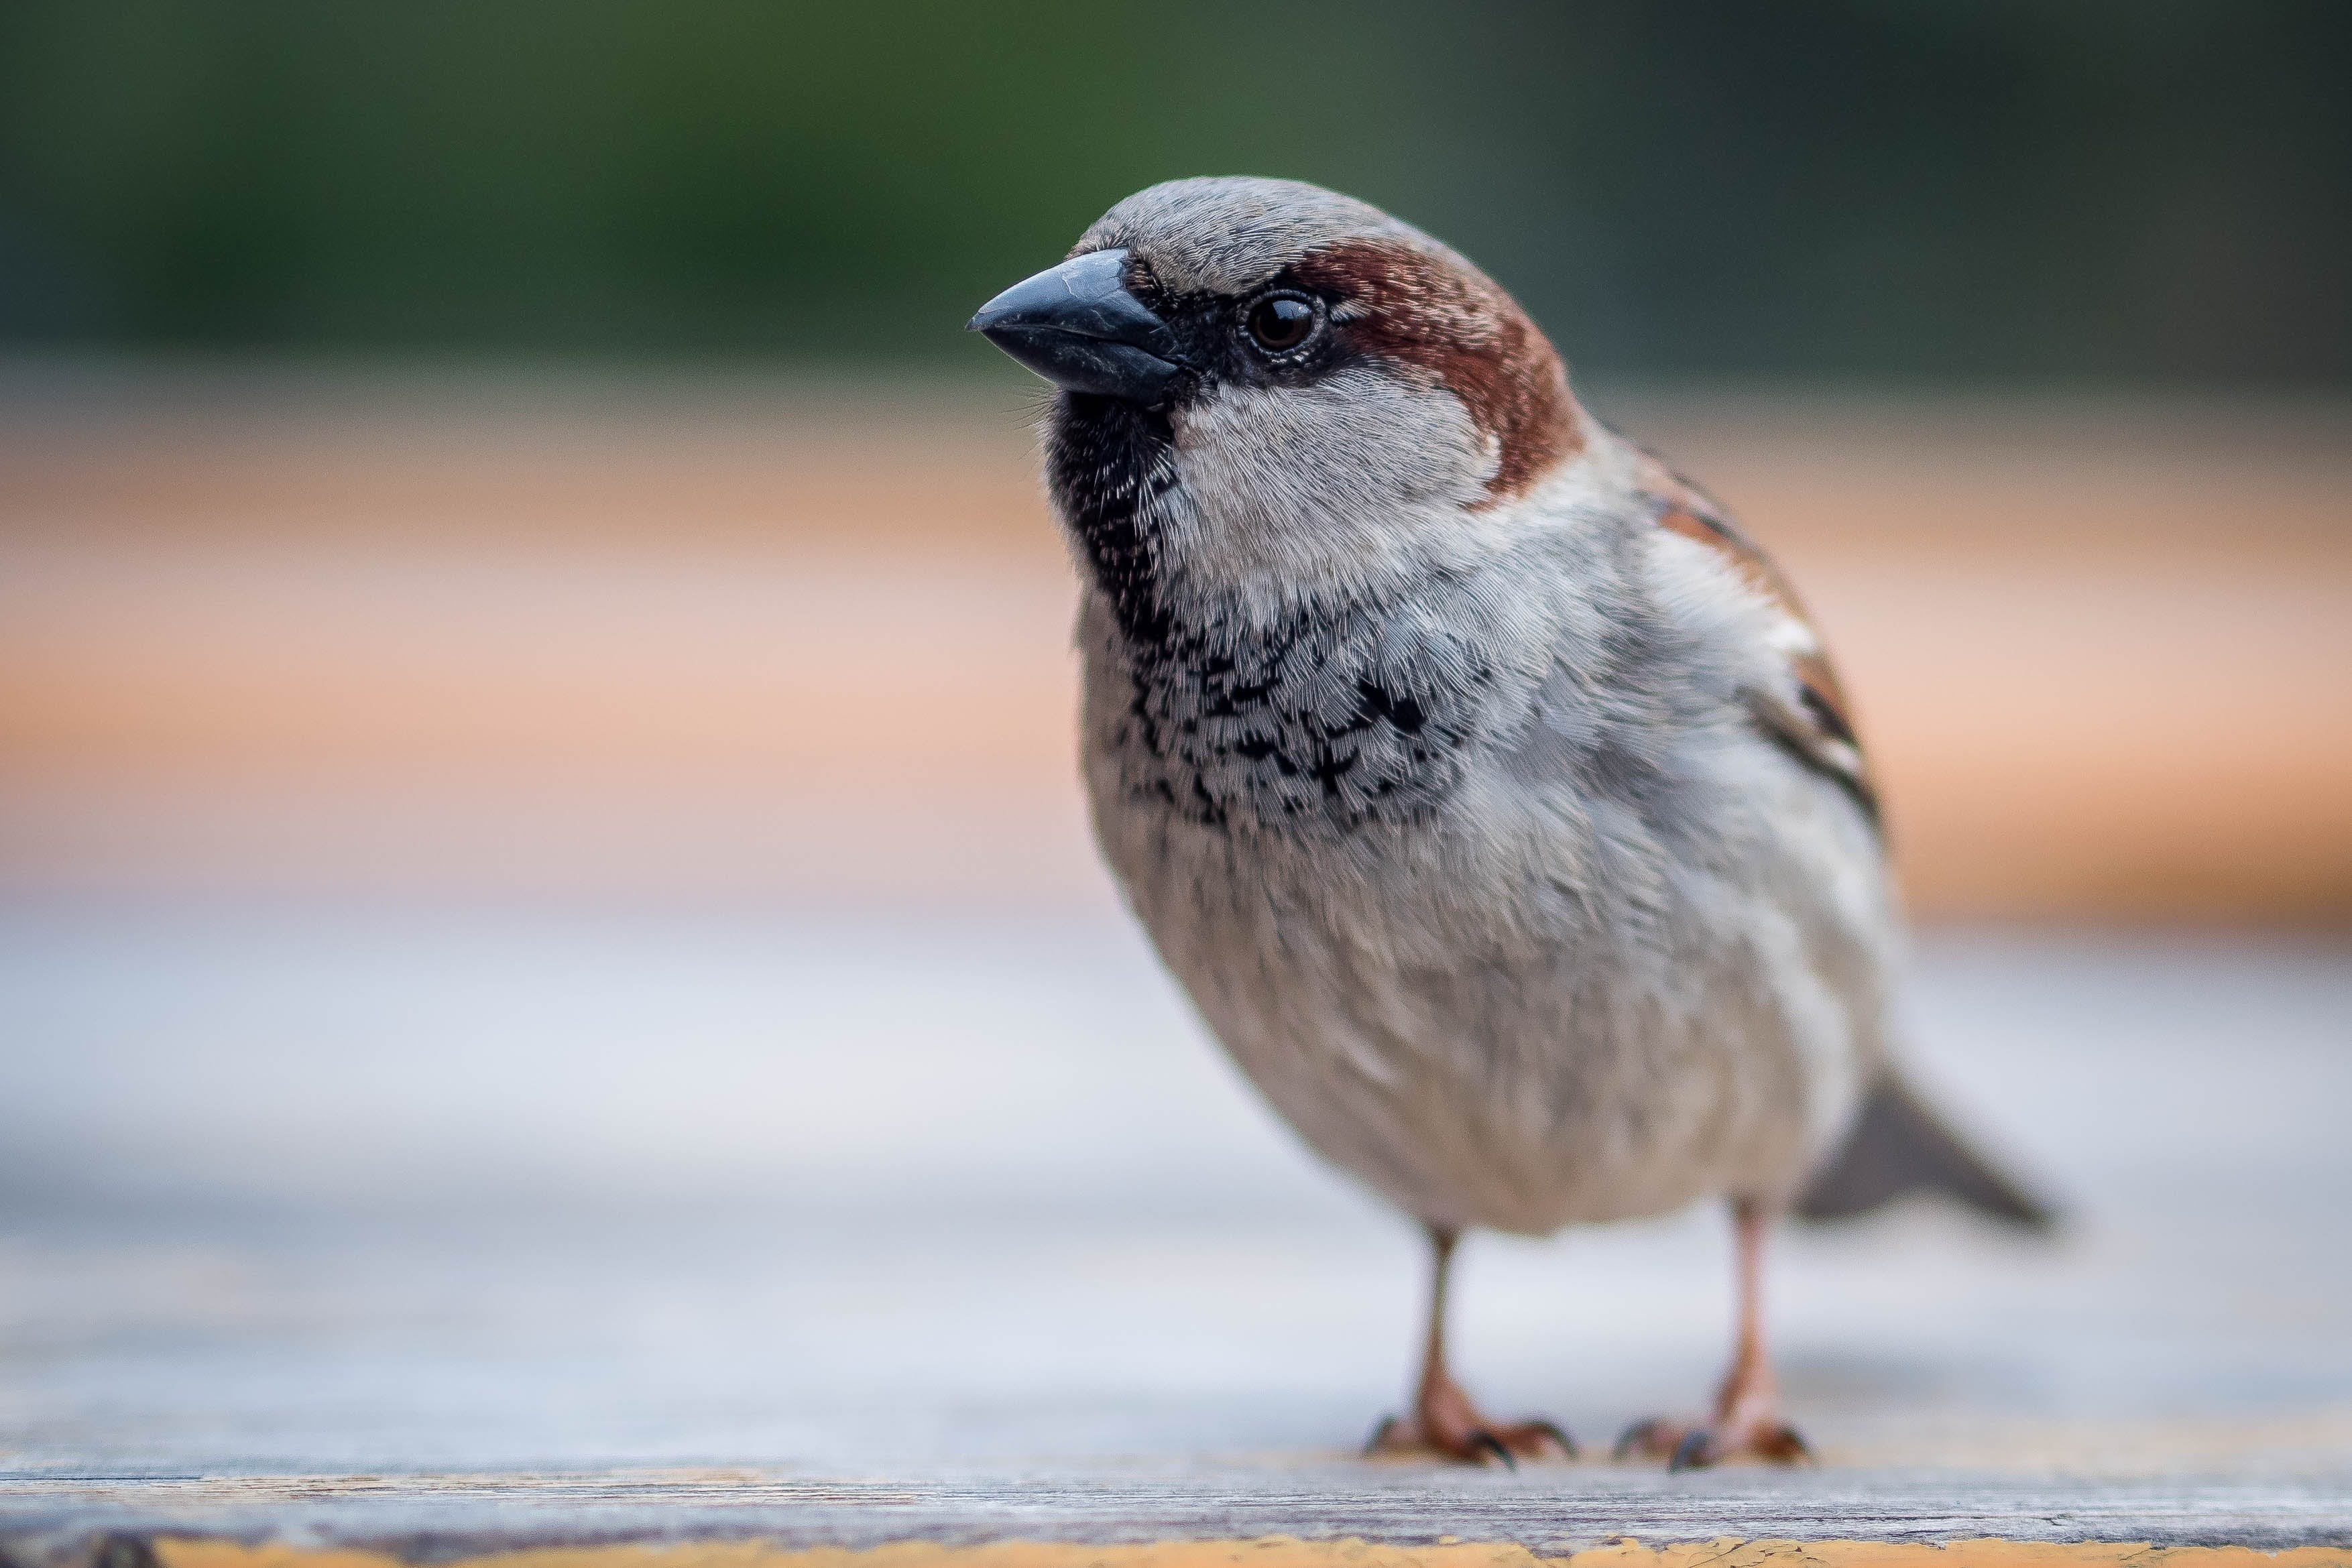 avian, beak, bird